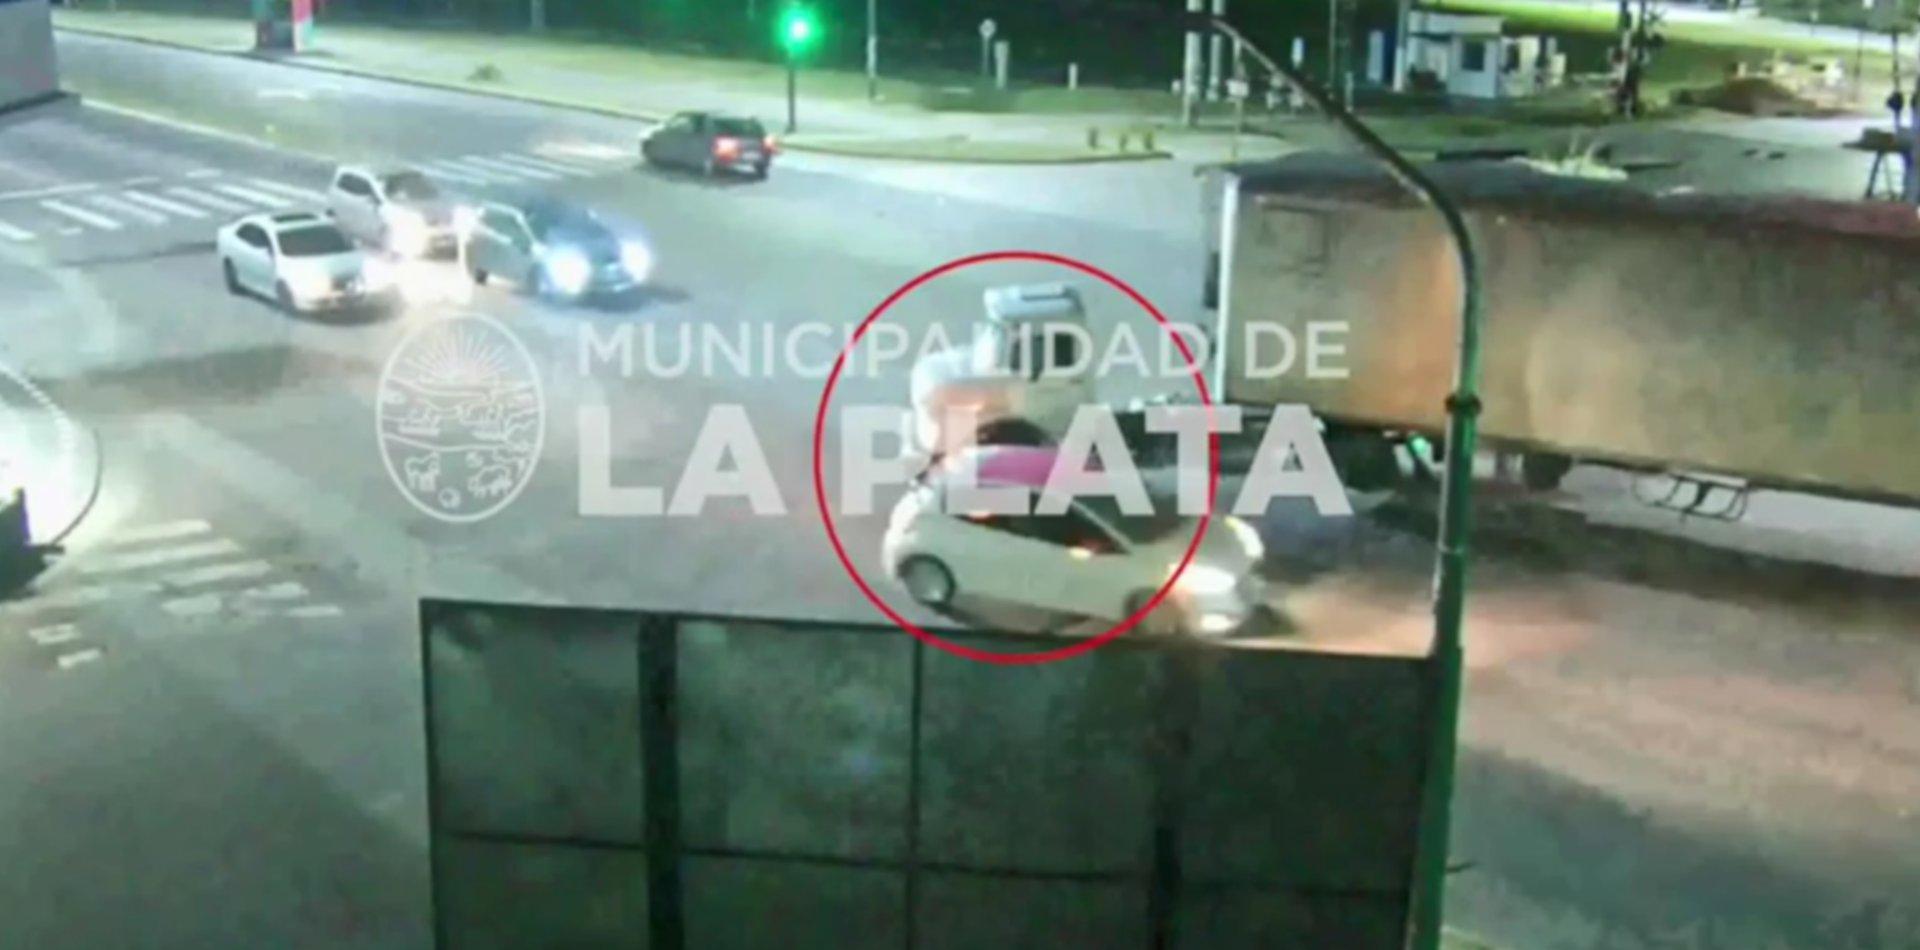 VIDEO: La imprudencia de un camionero casi causa una tragedia en Camino Centenario